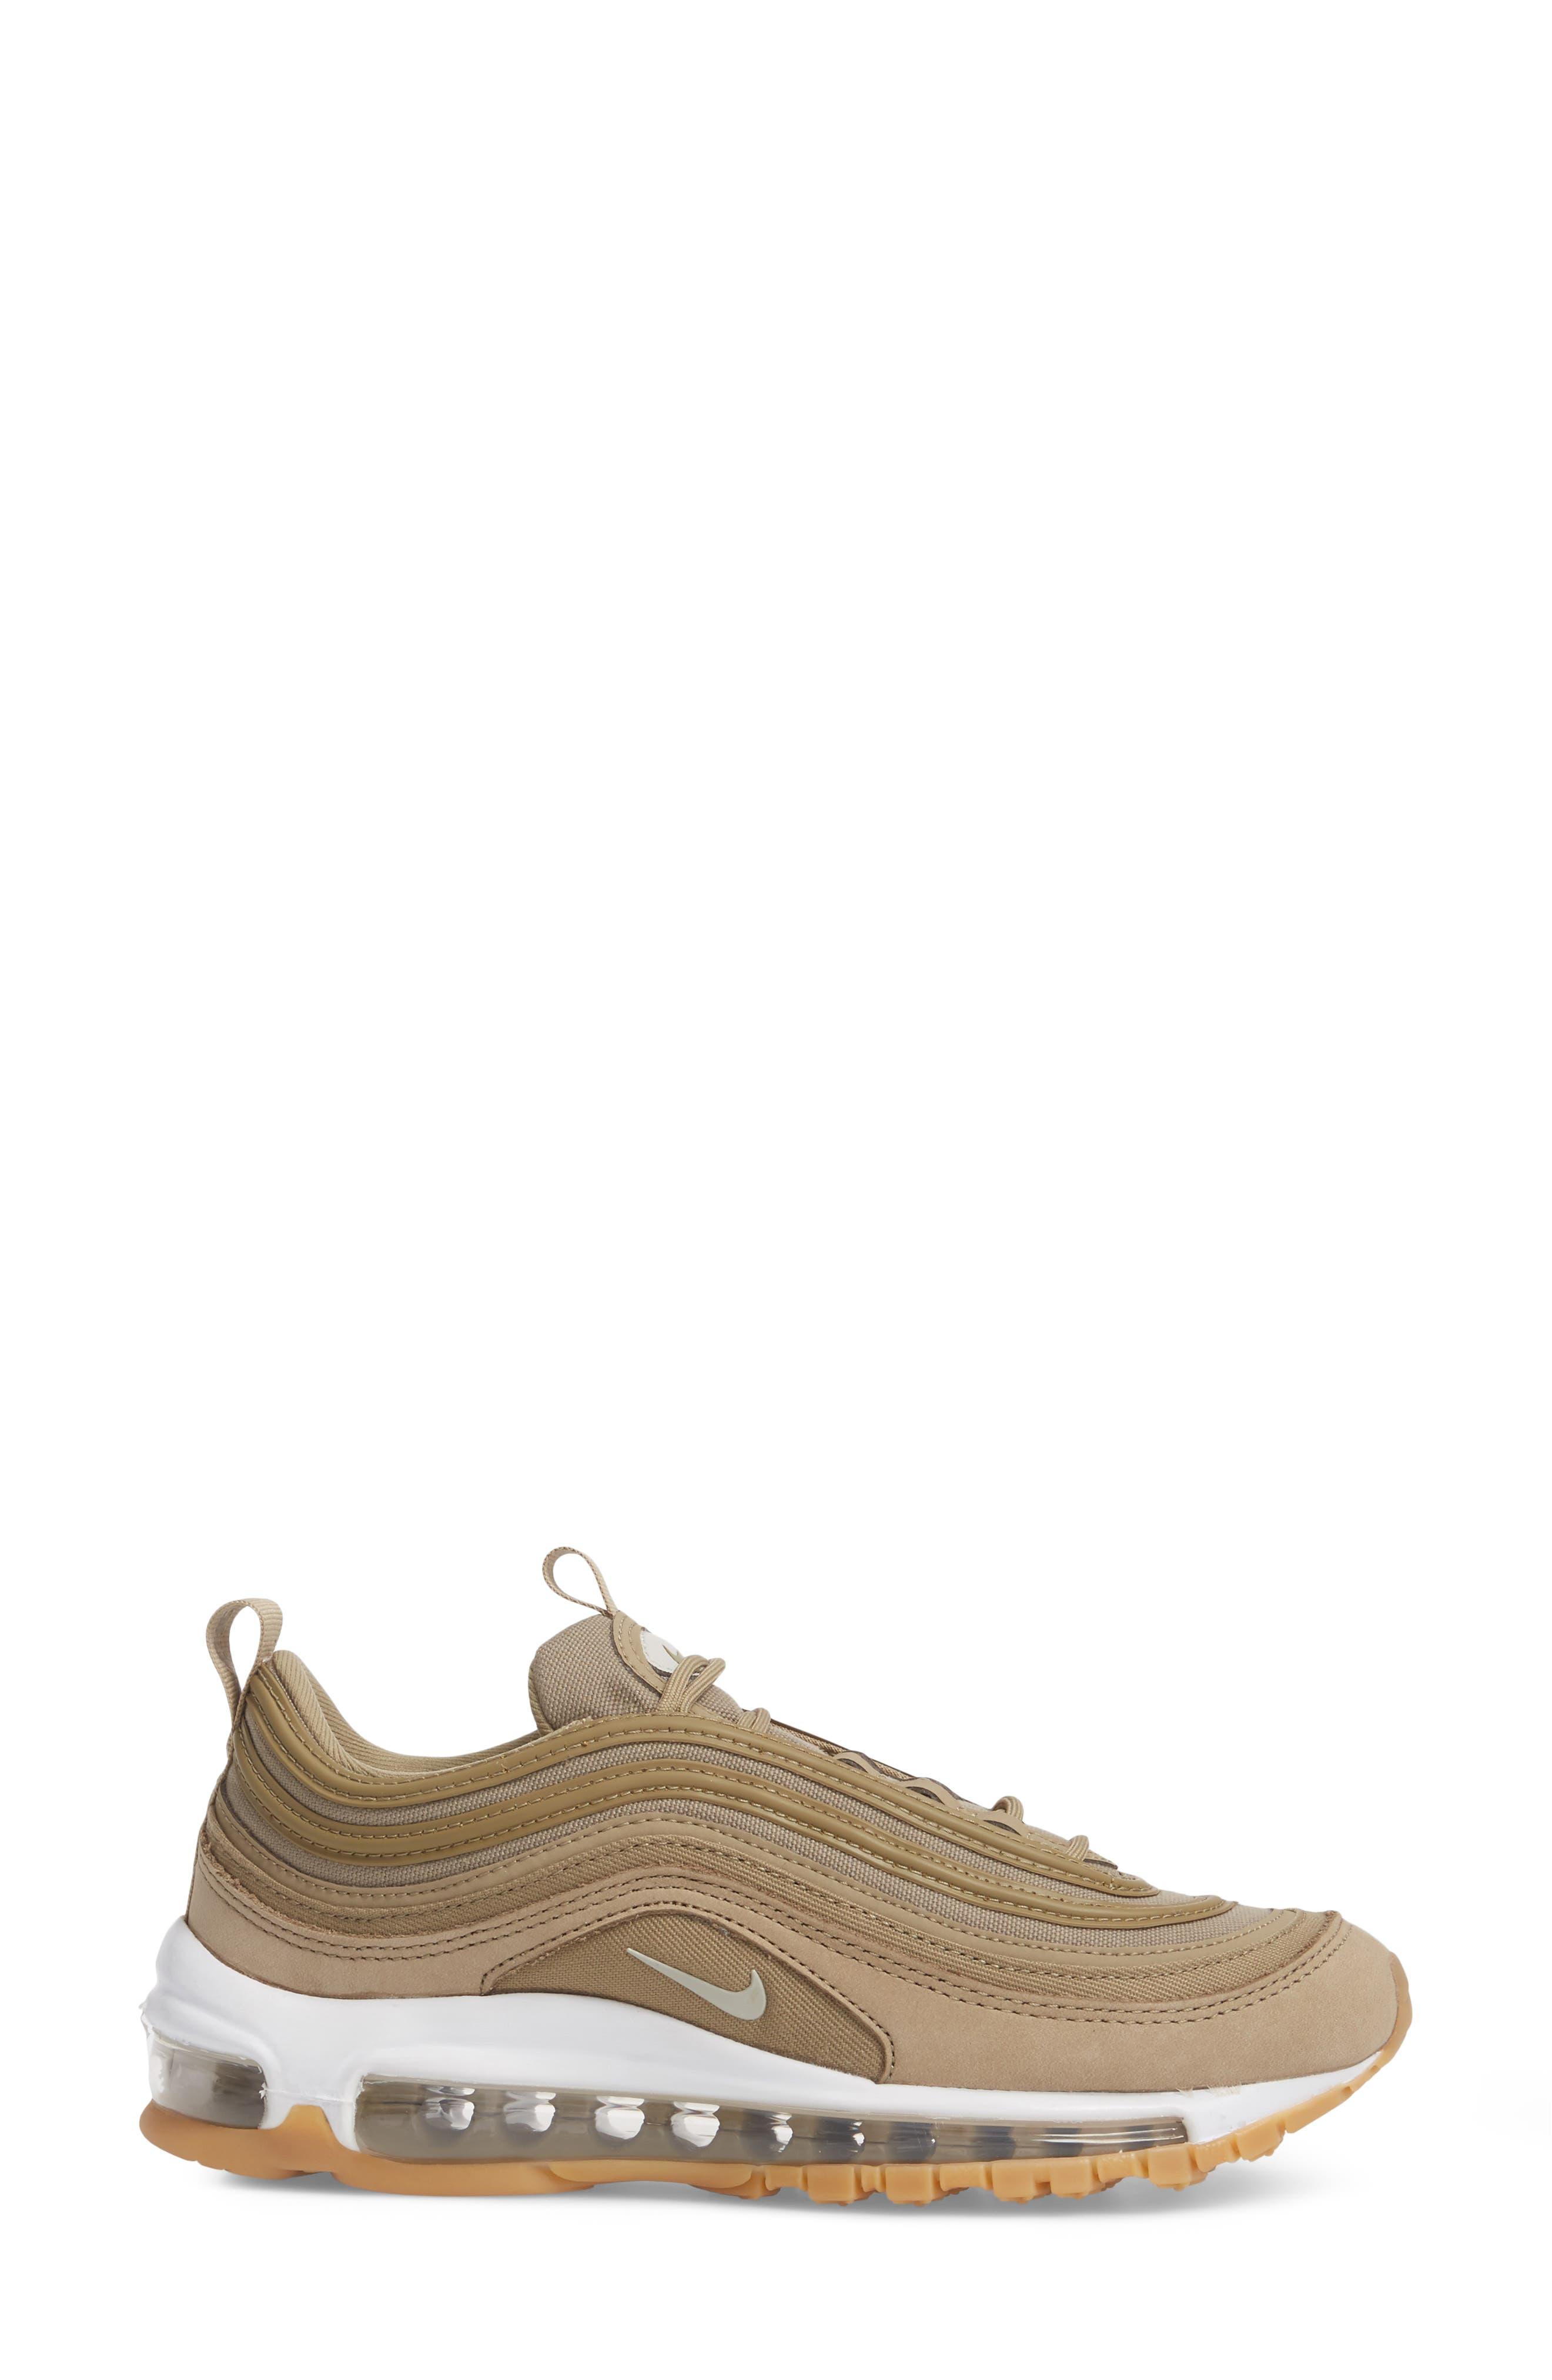 Air Max 97 UT Sneaker,                             Alternate thumbnail 3, color,                             255